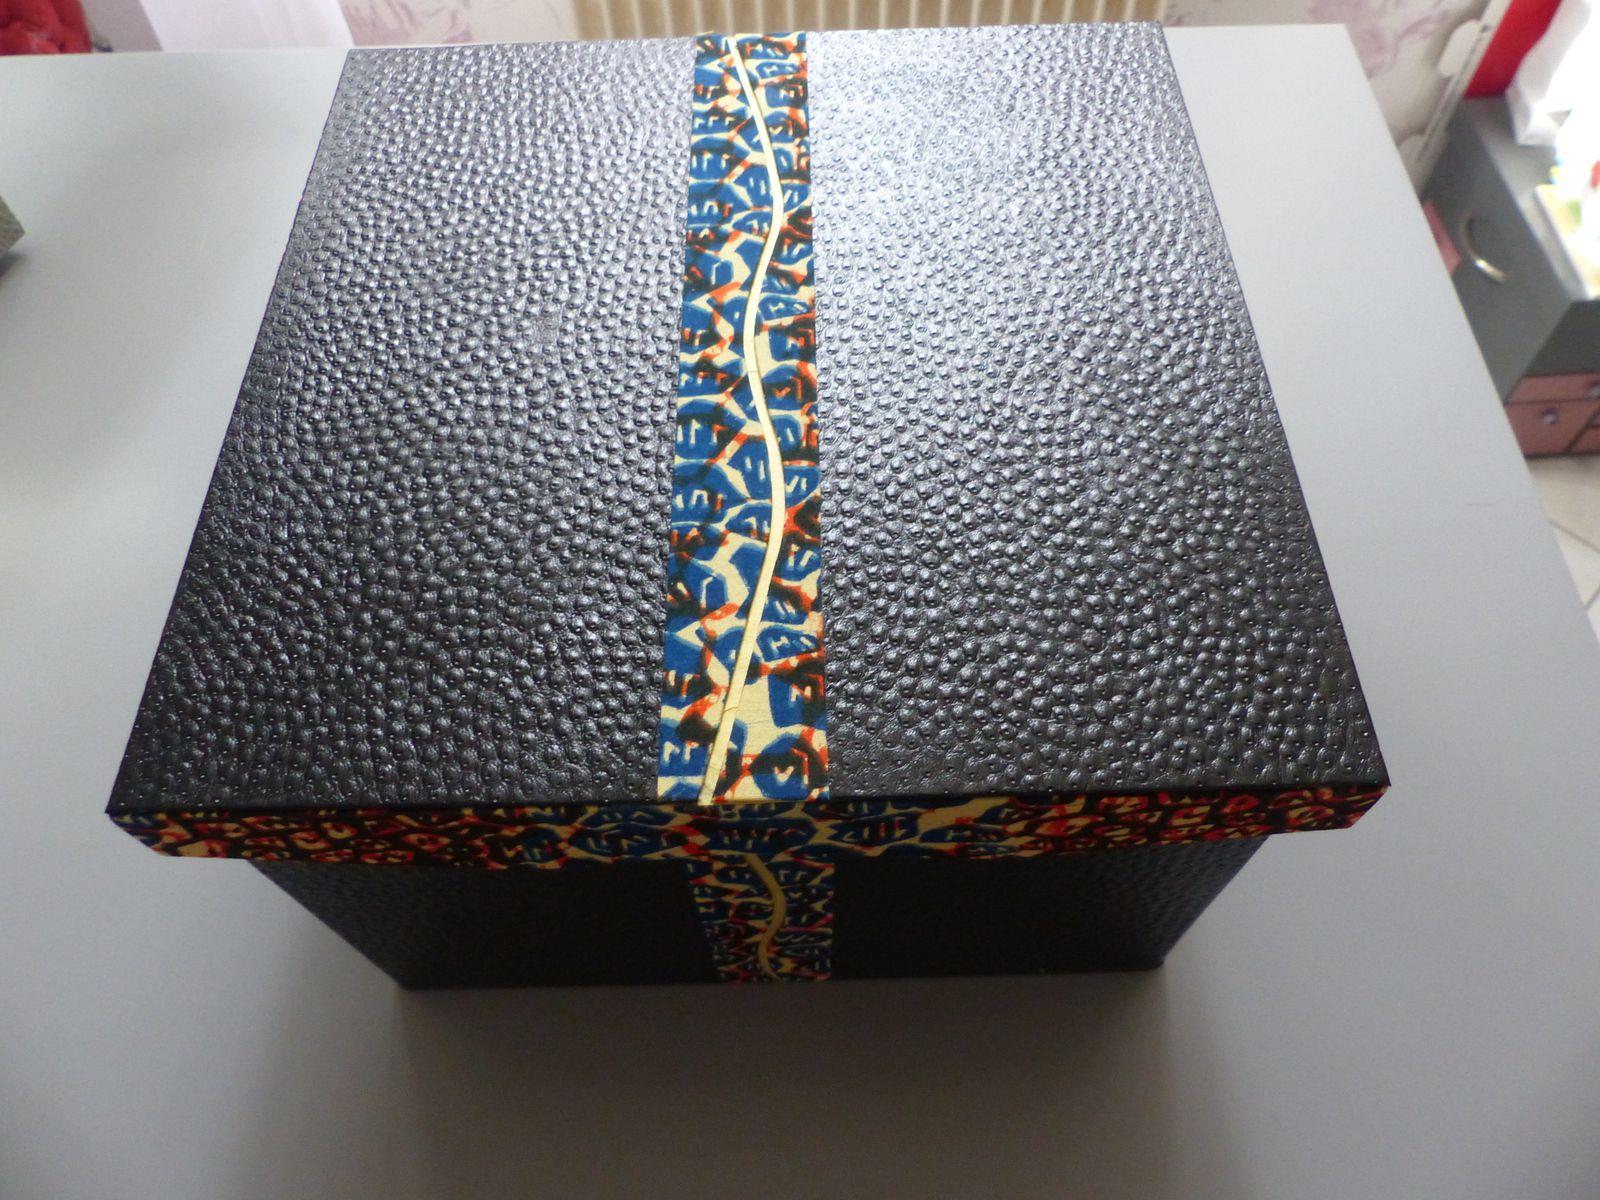 Fermée : devant, derrière et dessus, avec rappel de tissu sur les côtés et le dessus du couvercle, sur le panneau arrière ainsi que pour le noeud de fermeture